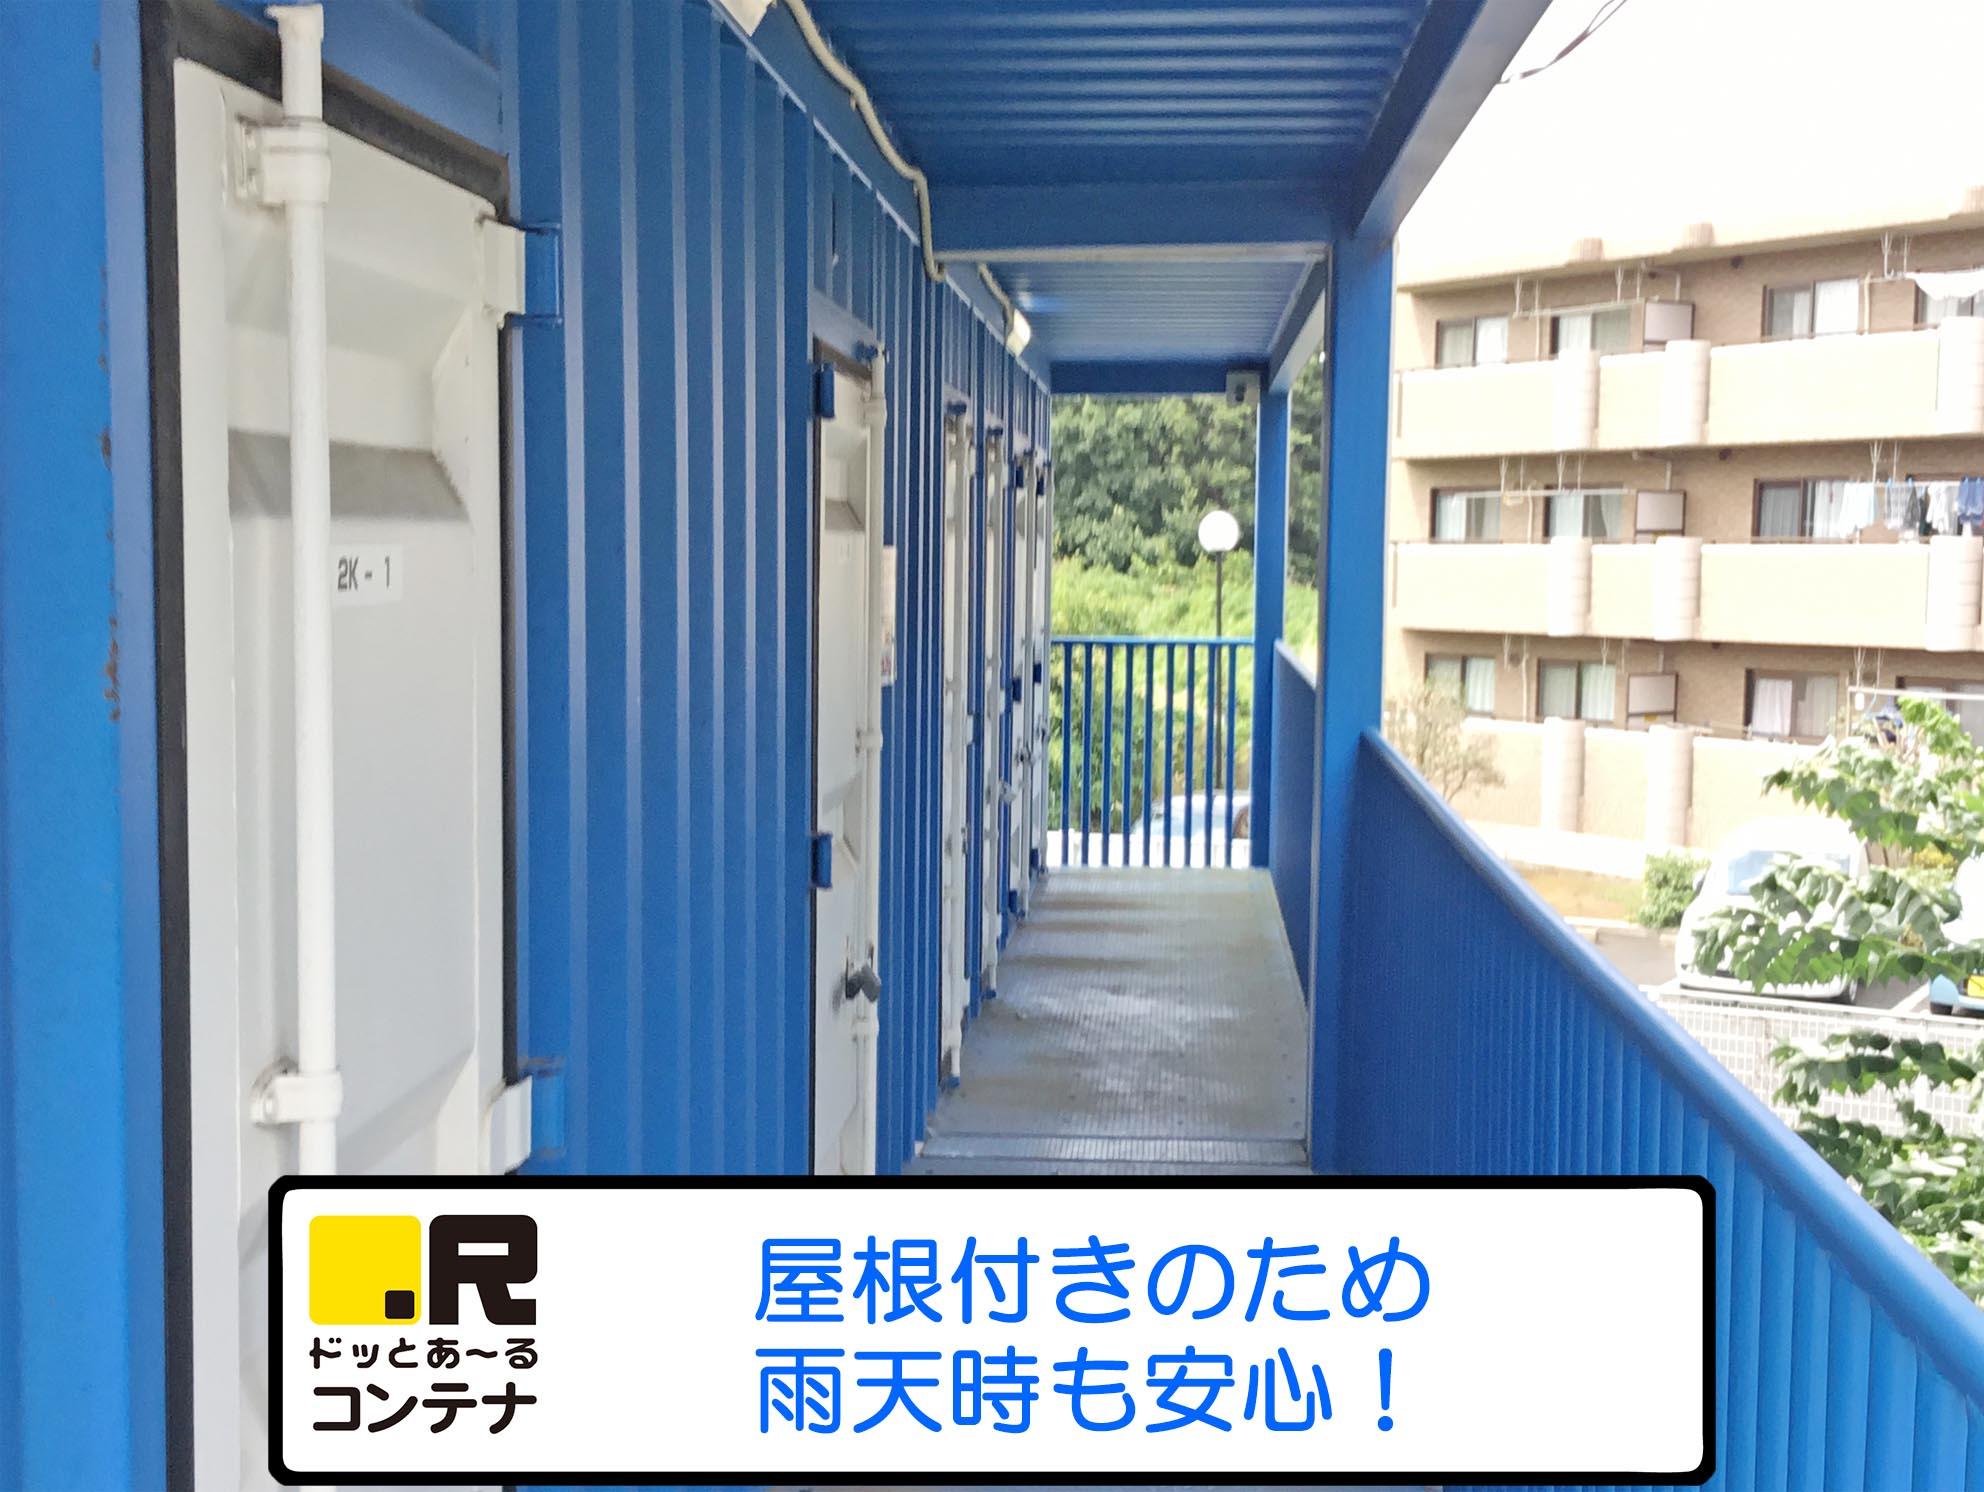 船橋藤原外観9